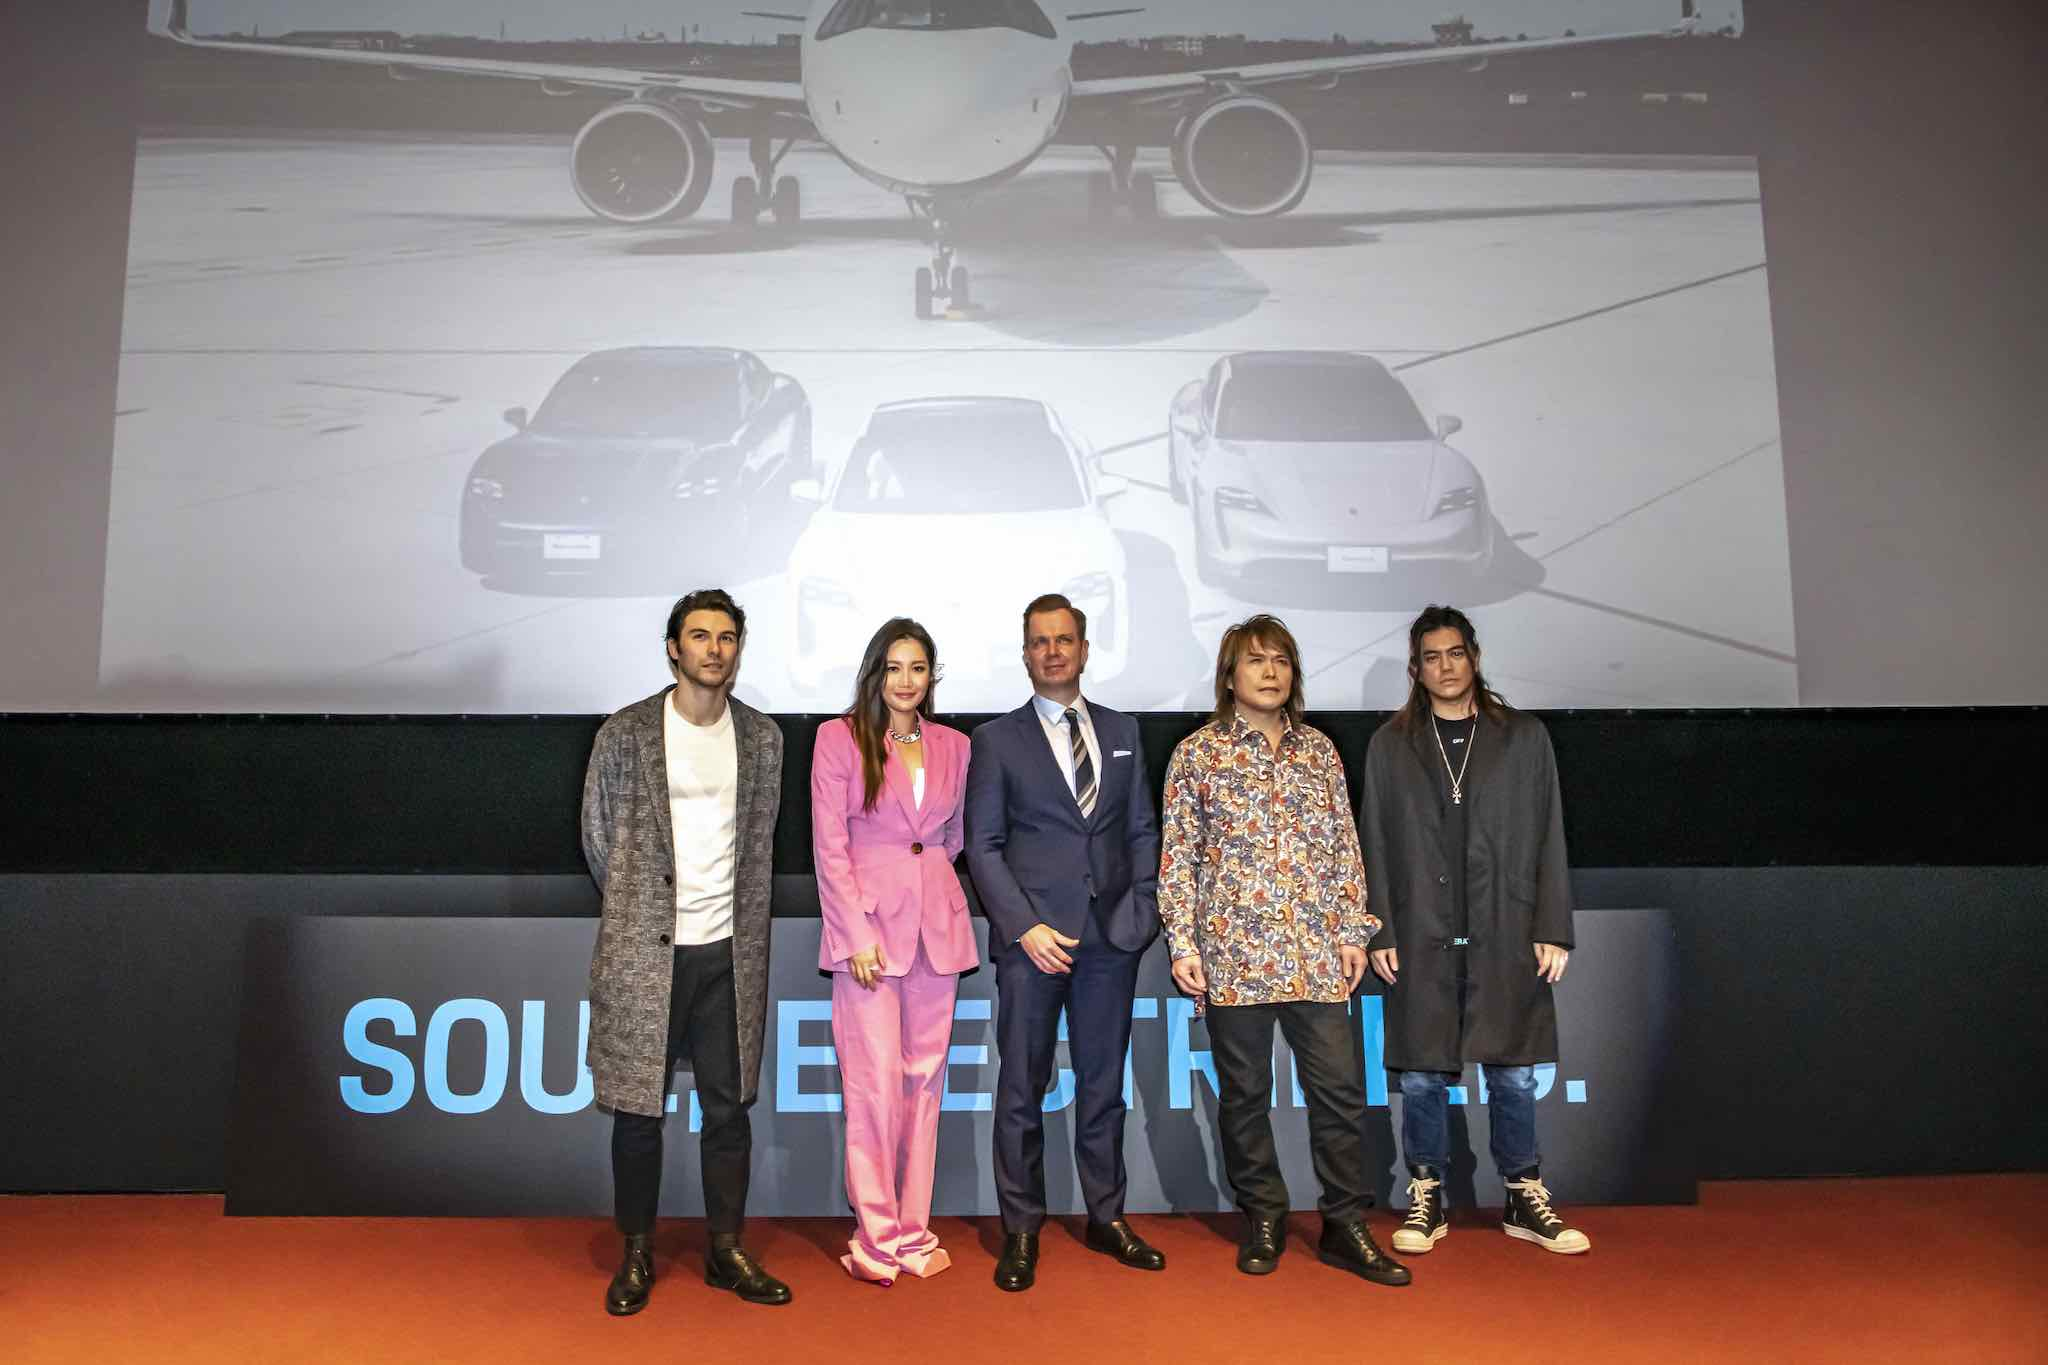 跑車大明星嘉賓也前來共襄盛舉Porsche Taycan上市發表會。台灣保時捷總裁Mathias Busse、左邊站著伍佰以及跑車大明星製作人B2;右方則是A-Lin、鳳小岳。